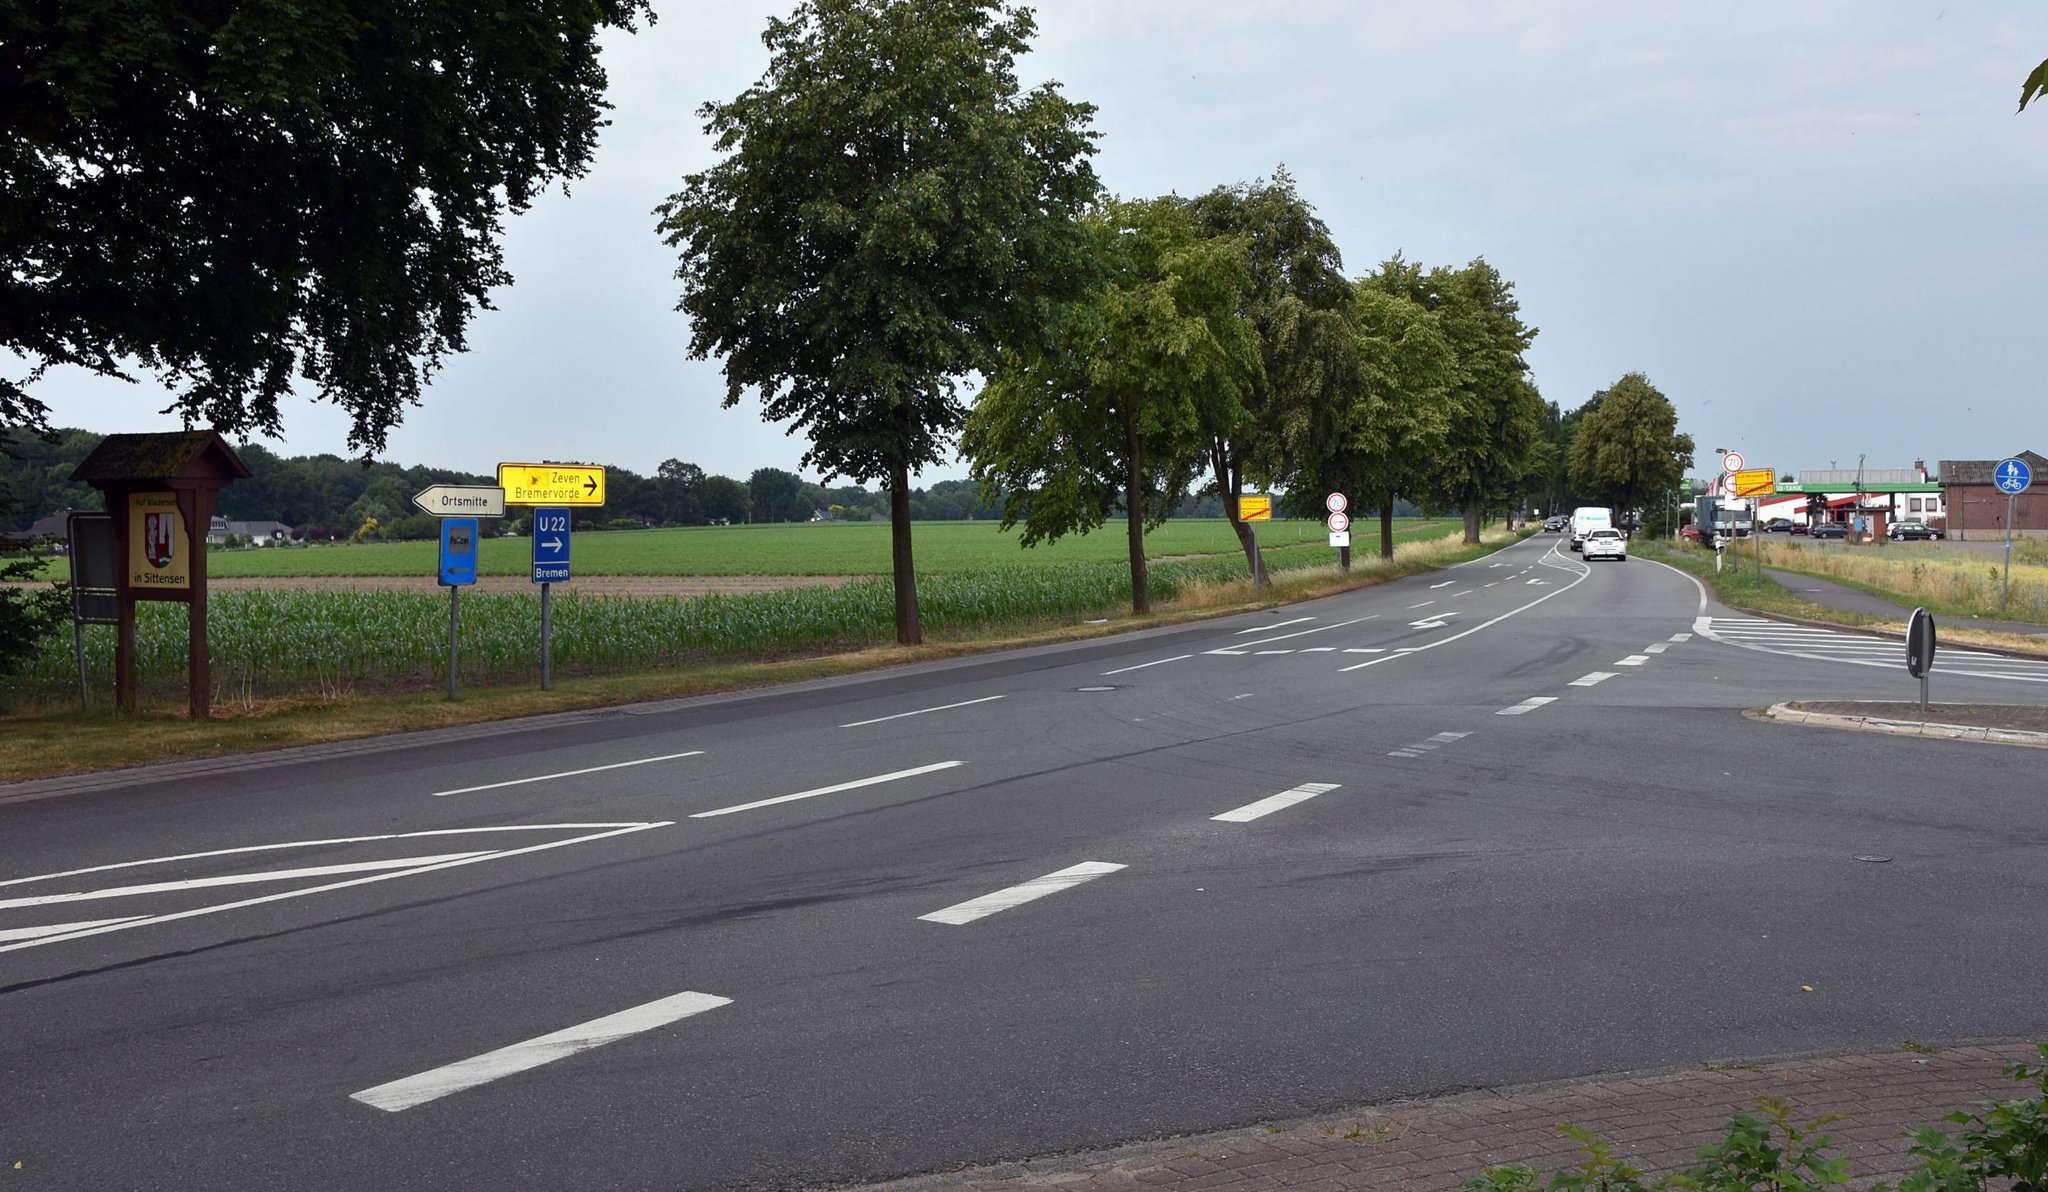 Die Gemeinde möchte an der Landesstraße gegenüber des bestehenden Gewerbes weitere Flächen ausweisen. Im Bereich Eichenstraße/Waldheim-Osteufer soll eine einzeilige Wohnbebauung entstehen. Foto: Heidrun Meyer